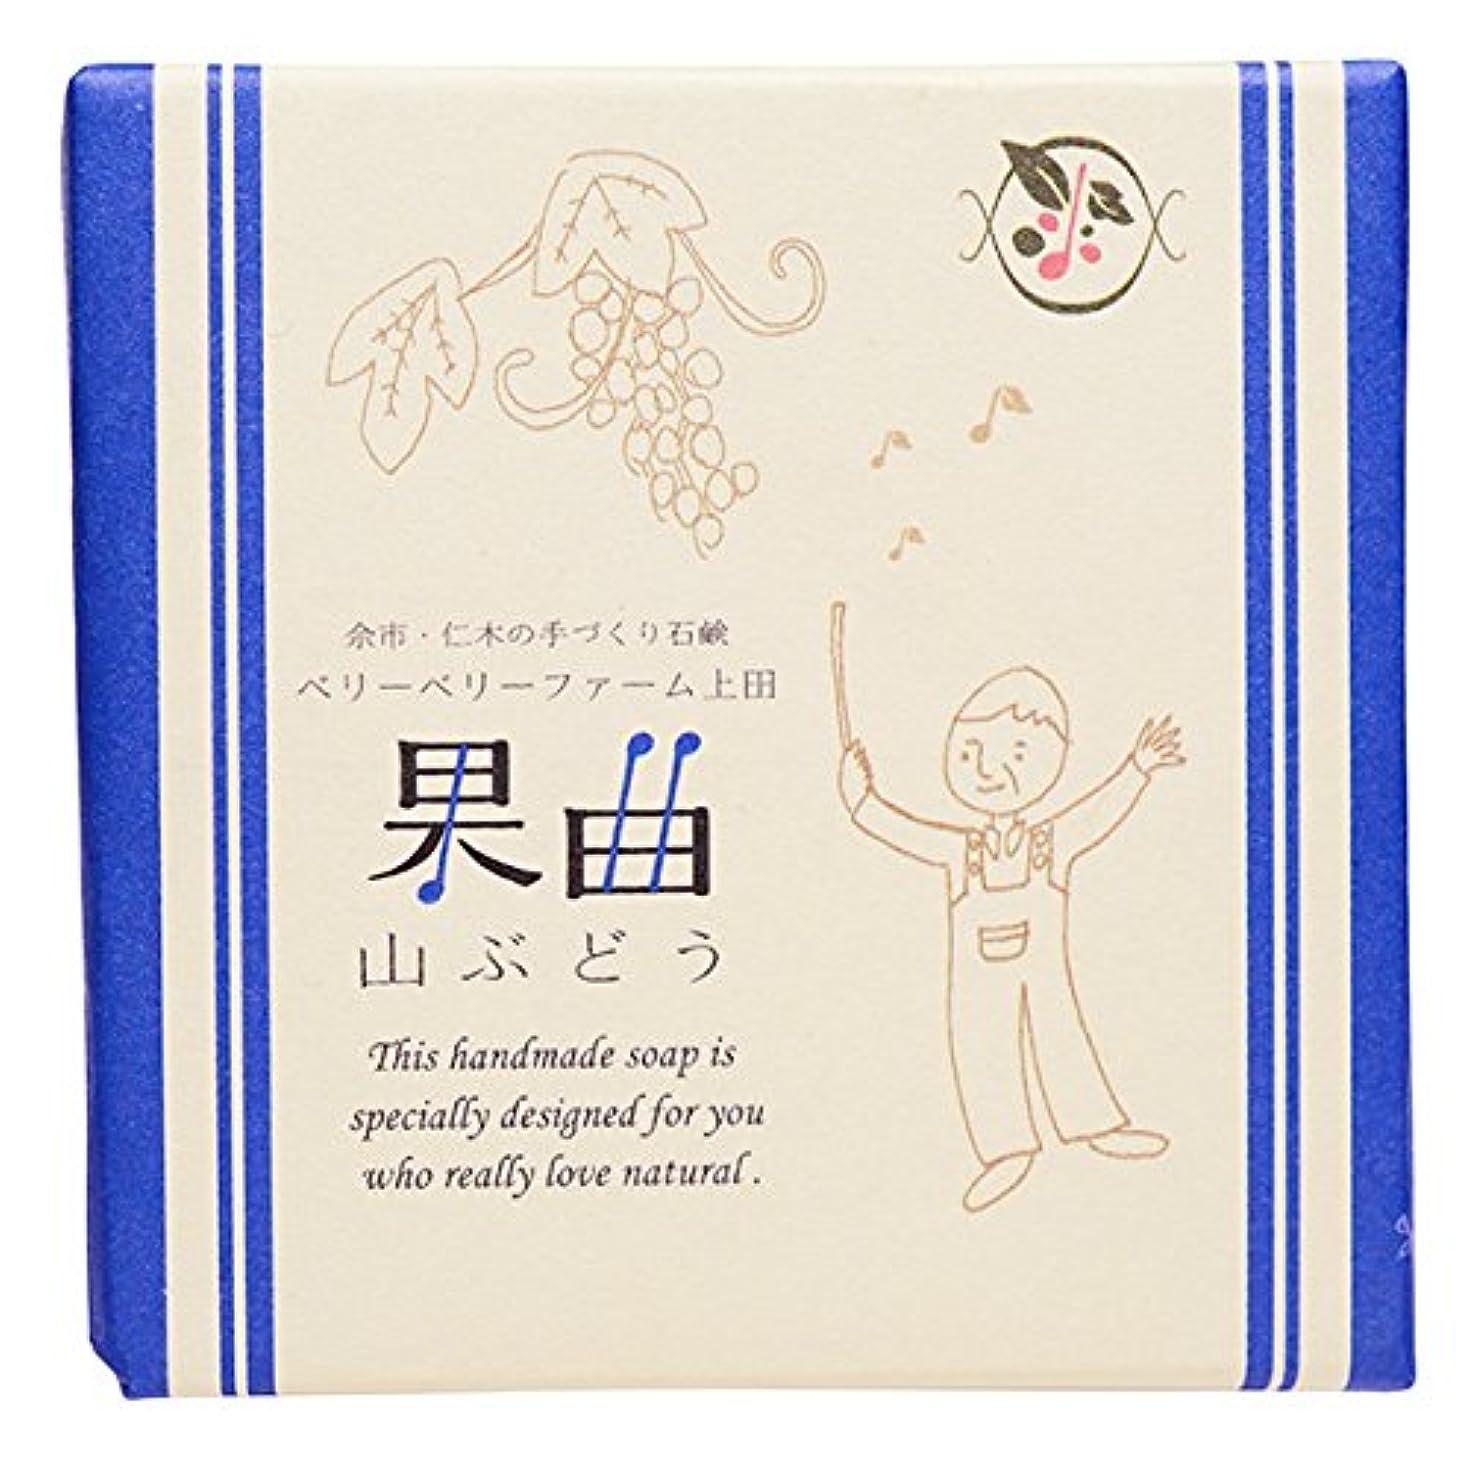 韓国語カートリッジスリル余市町仁木のベリーベリーファーム上田との共同開発 果曲(山ぶどう)純練り石鹸